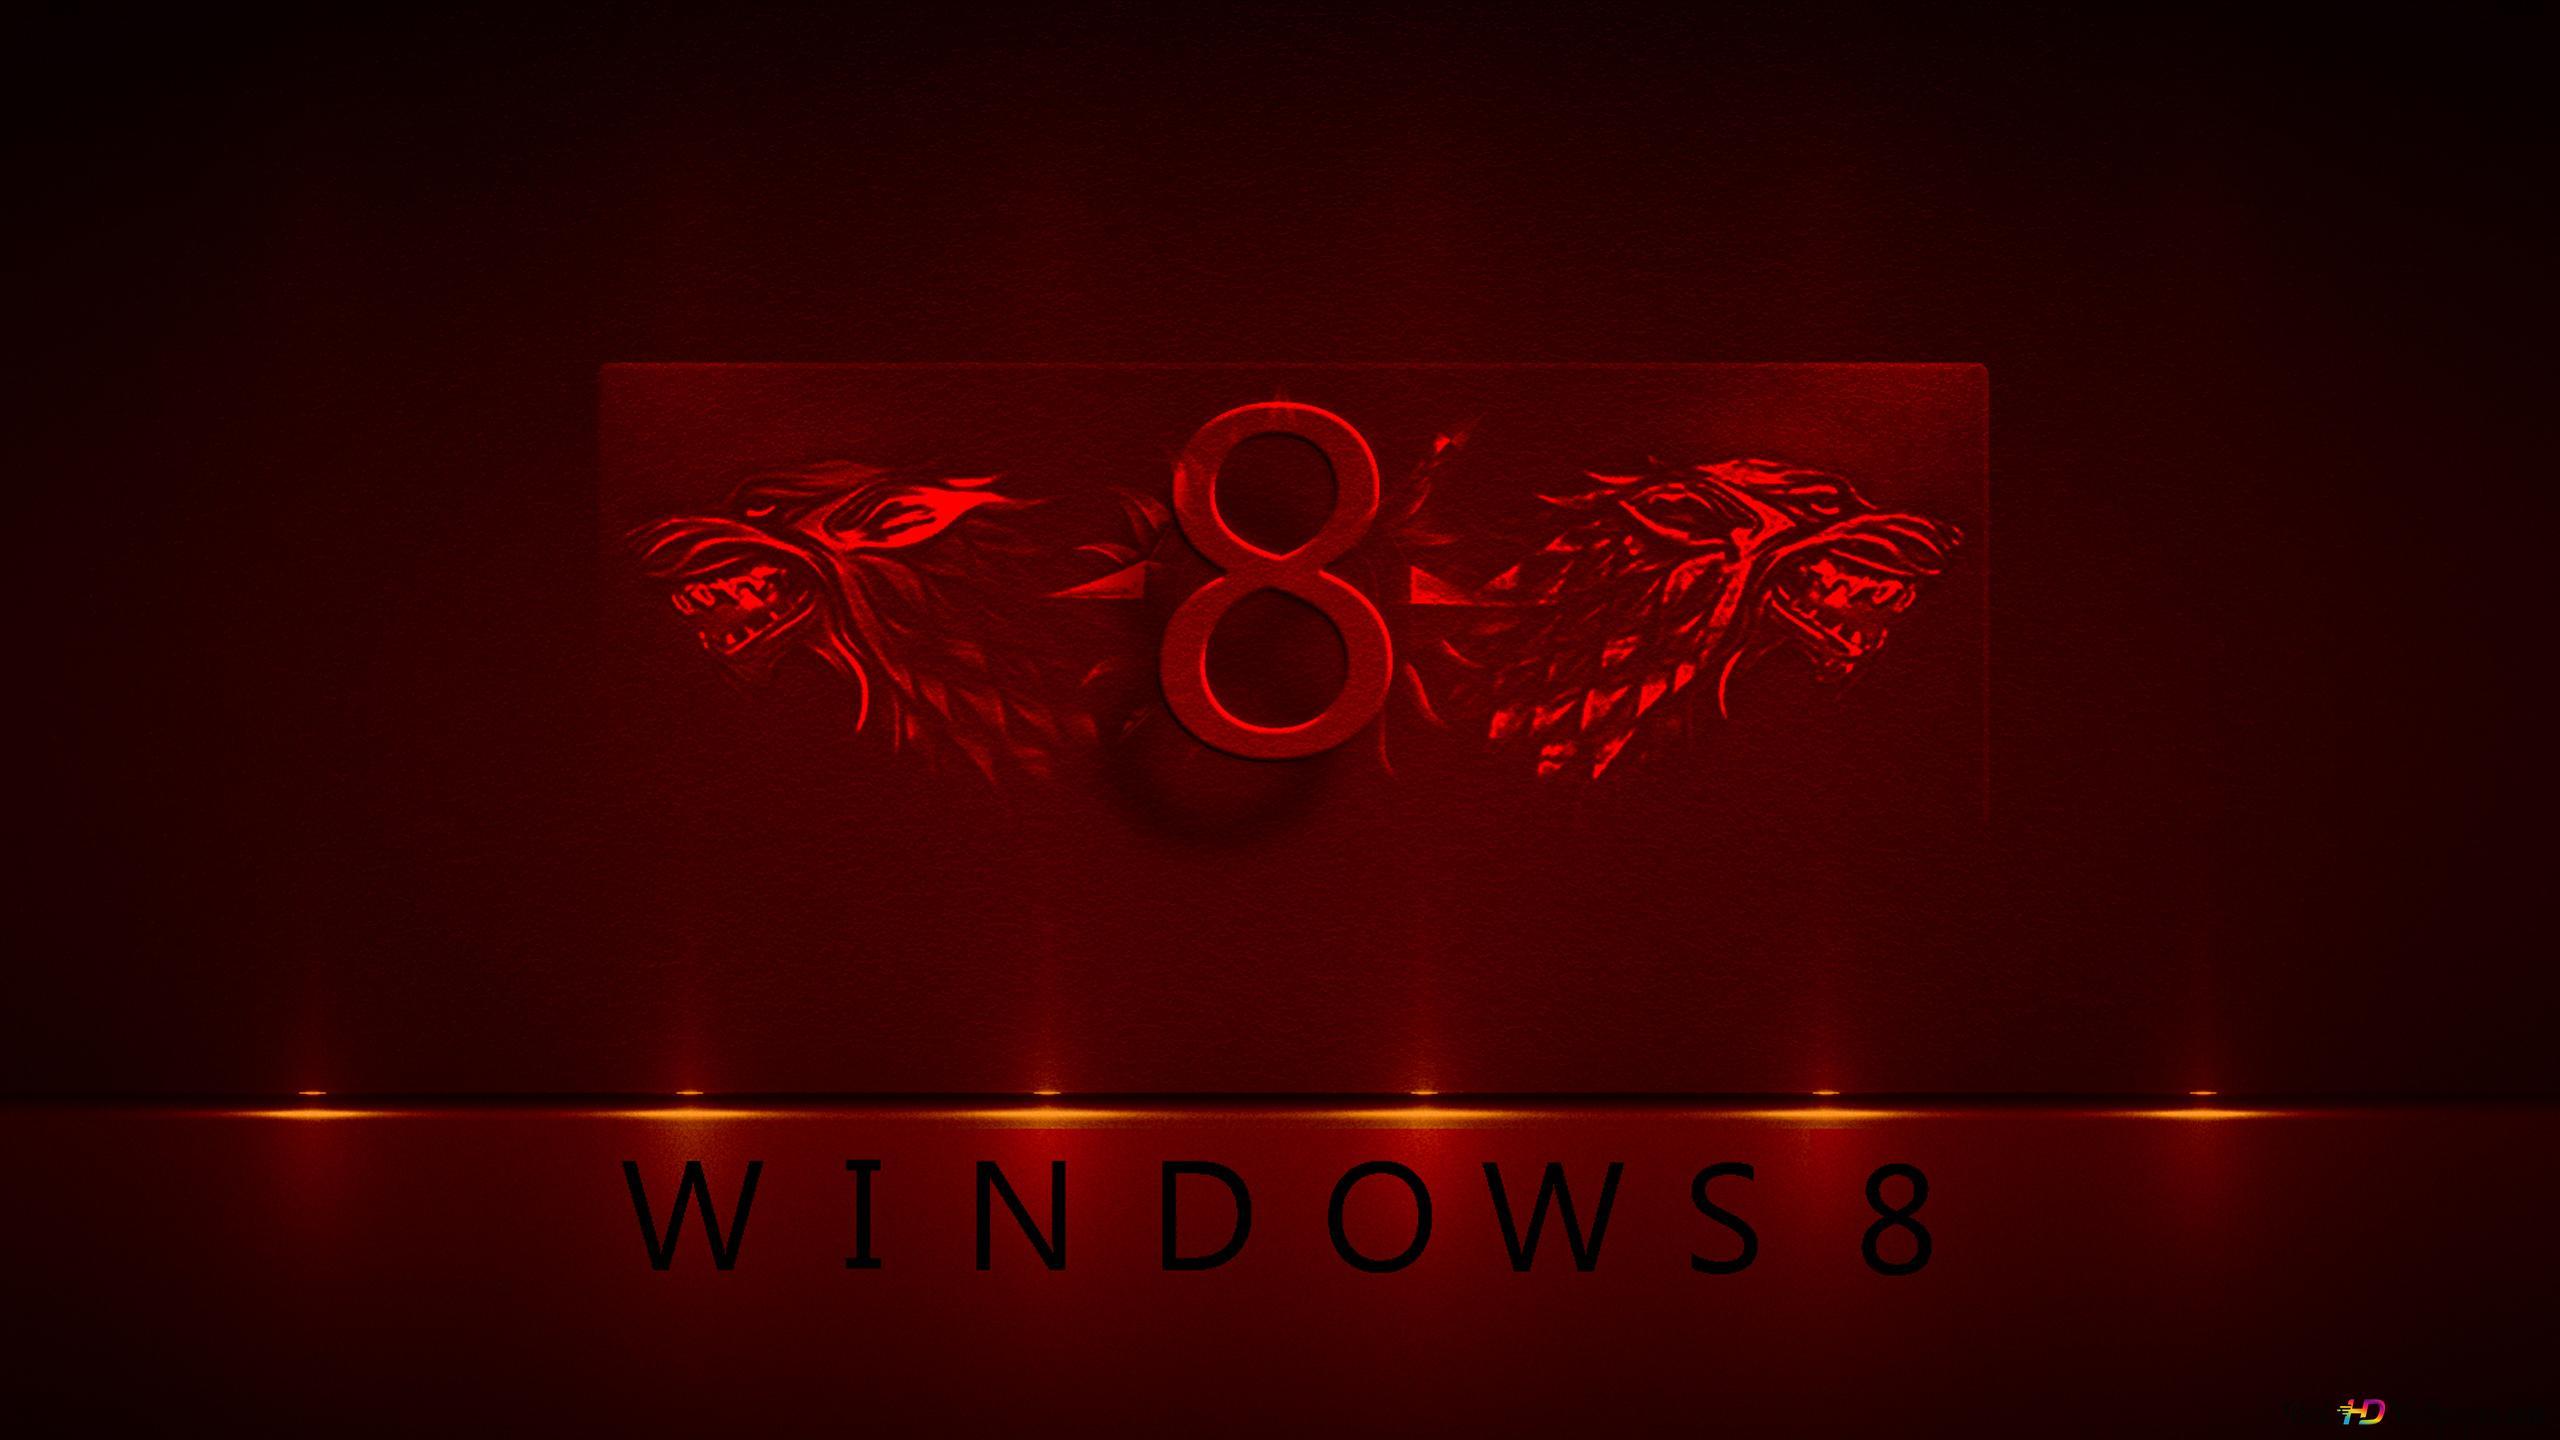 Windows 8の背景 Hd壁紙のダウンロード